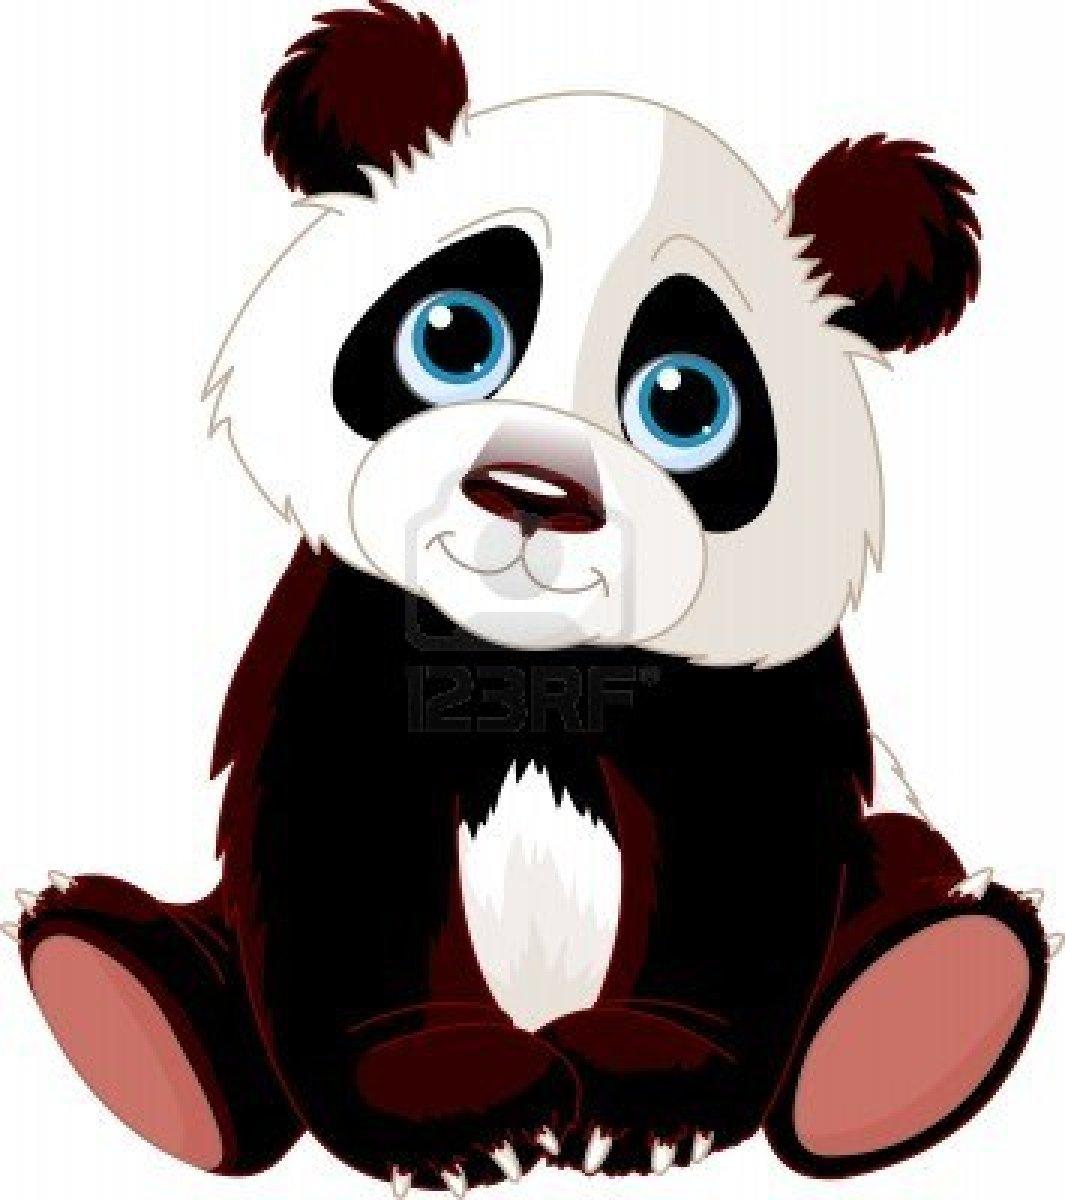 Panda 20clipart Clipart Panda Free Clipa-Panda 20clipart Clipart Panda Free Clipart Images-11